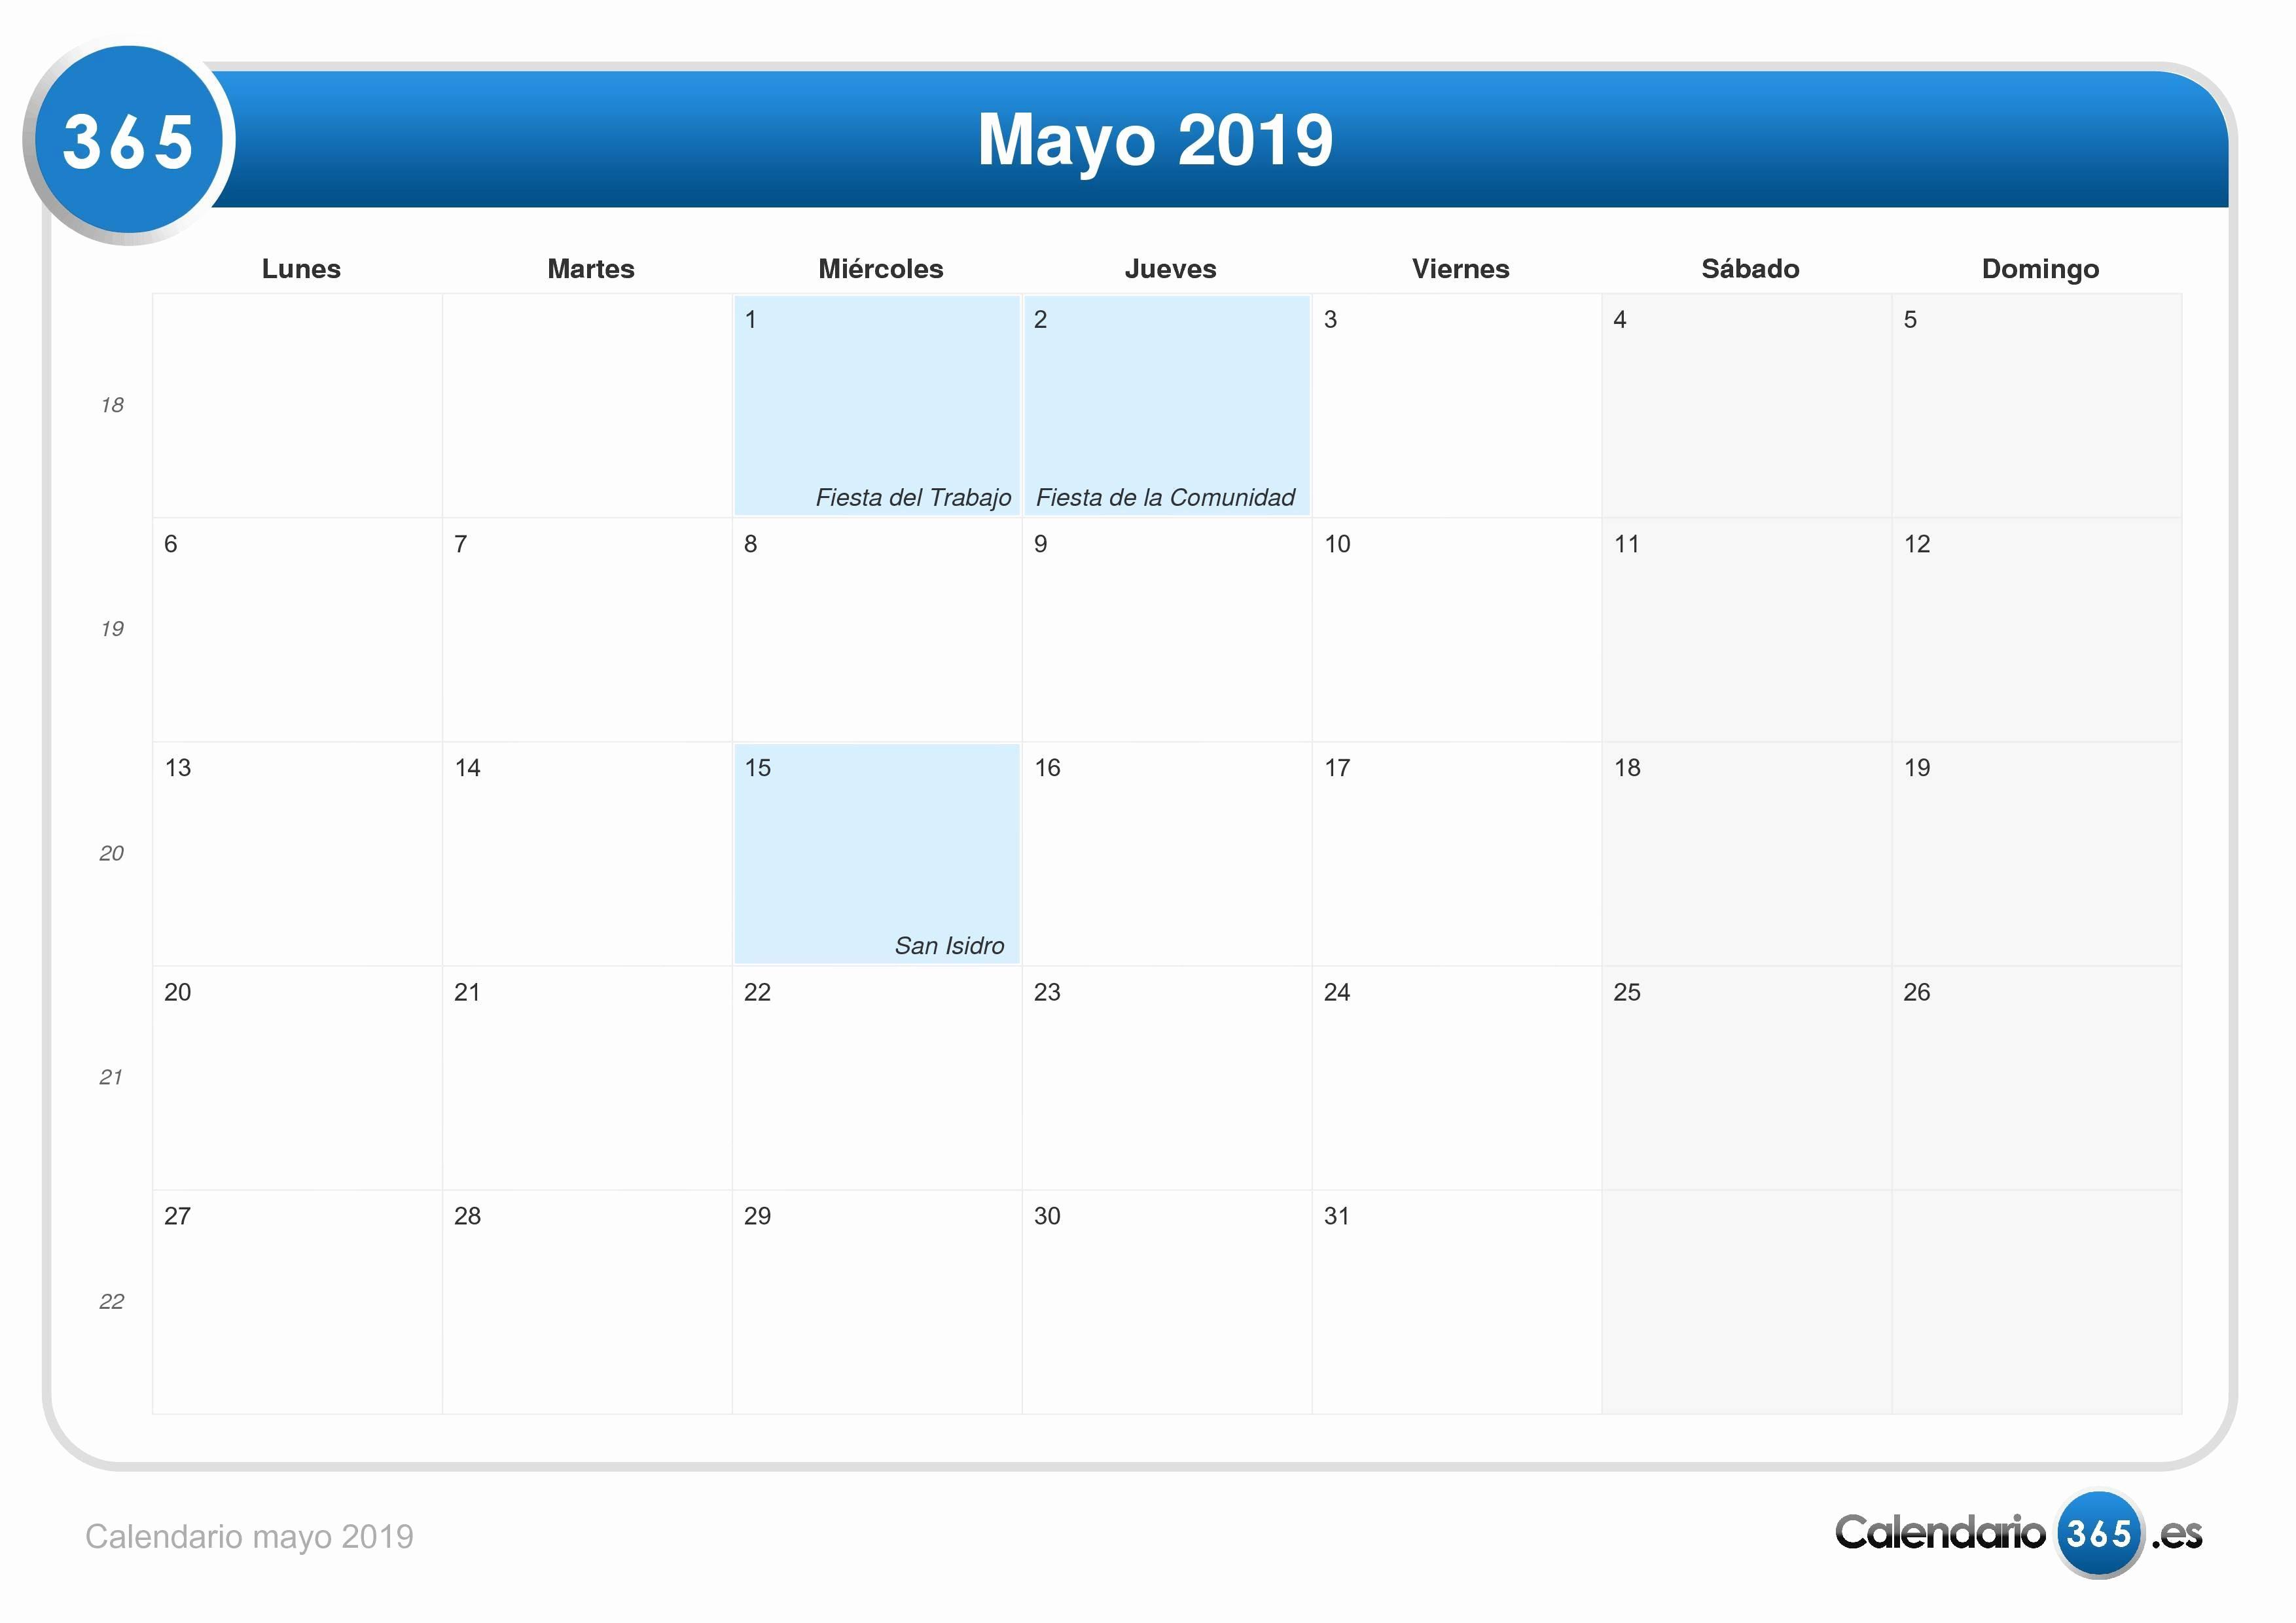 Calendario Escolar Diciembre 2019 Más Actual De Lujo 51 Ejemplos Festivos 2019 Of Calendario Escolar Diciembre 2019 Más Caliente Boe Documento Boe A 2016 5551